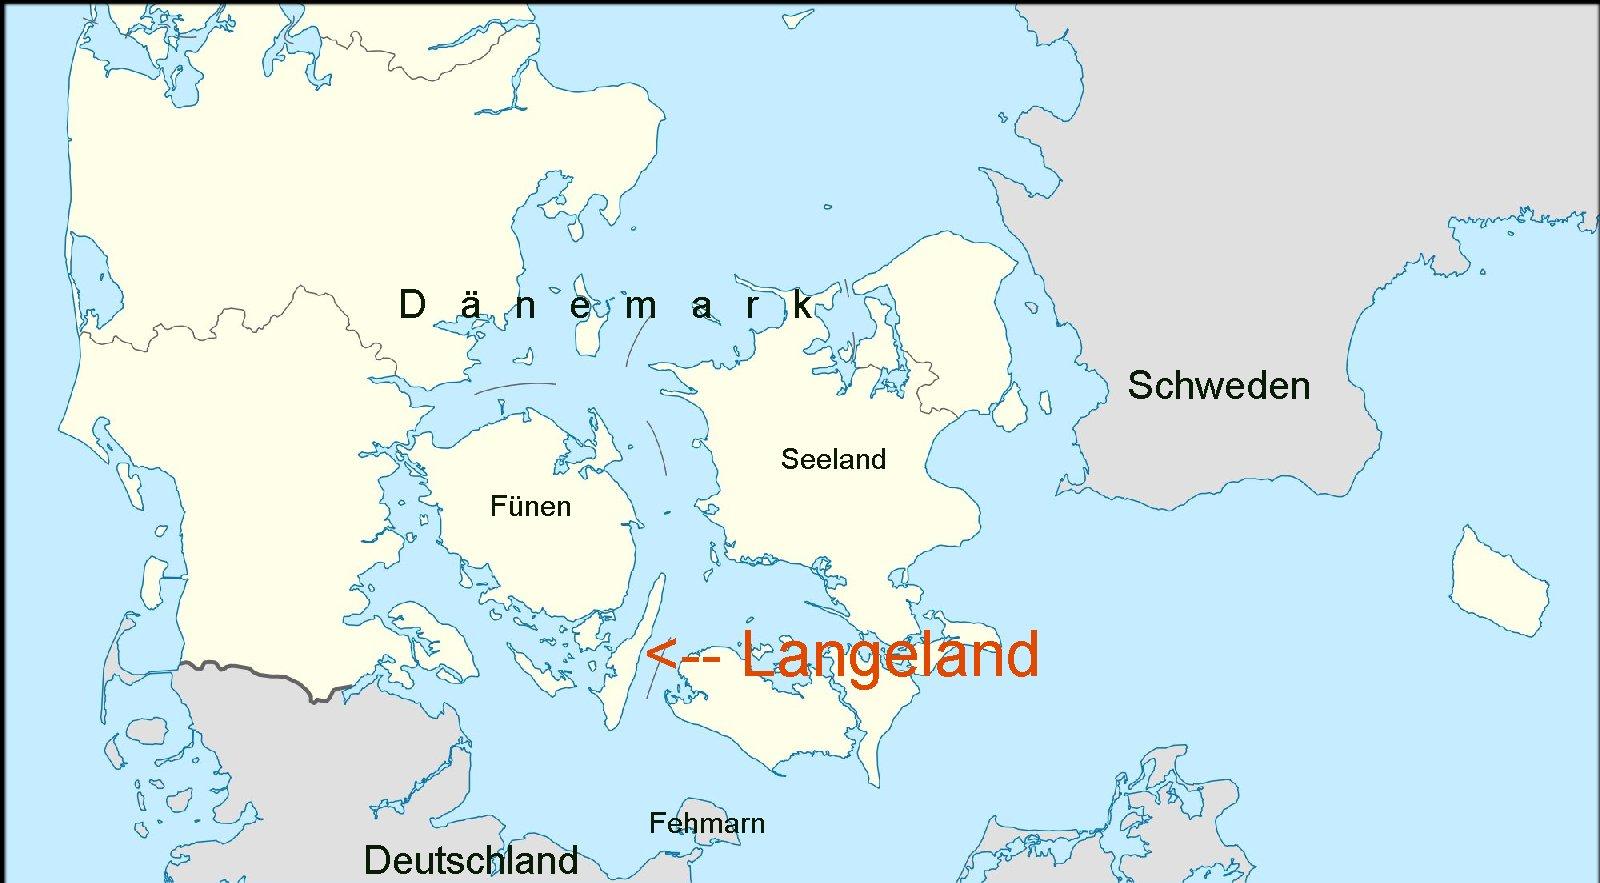 """Dänemark plant """"Ausweisungszentrum"""" auf einer kleinen Insel für unerwünschte Migranten und ausländische Kriminelle"""